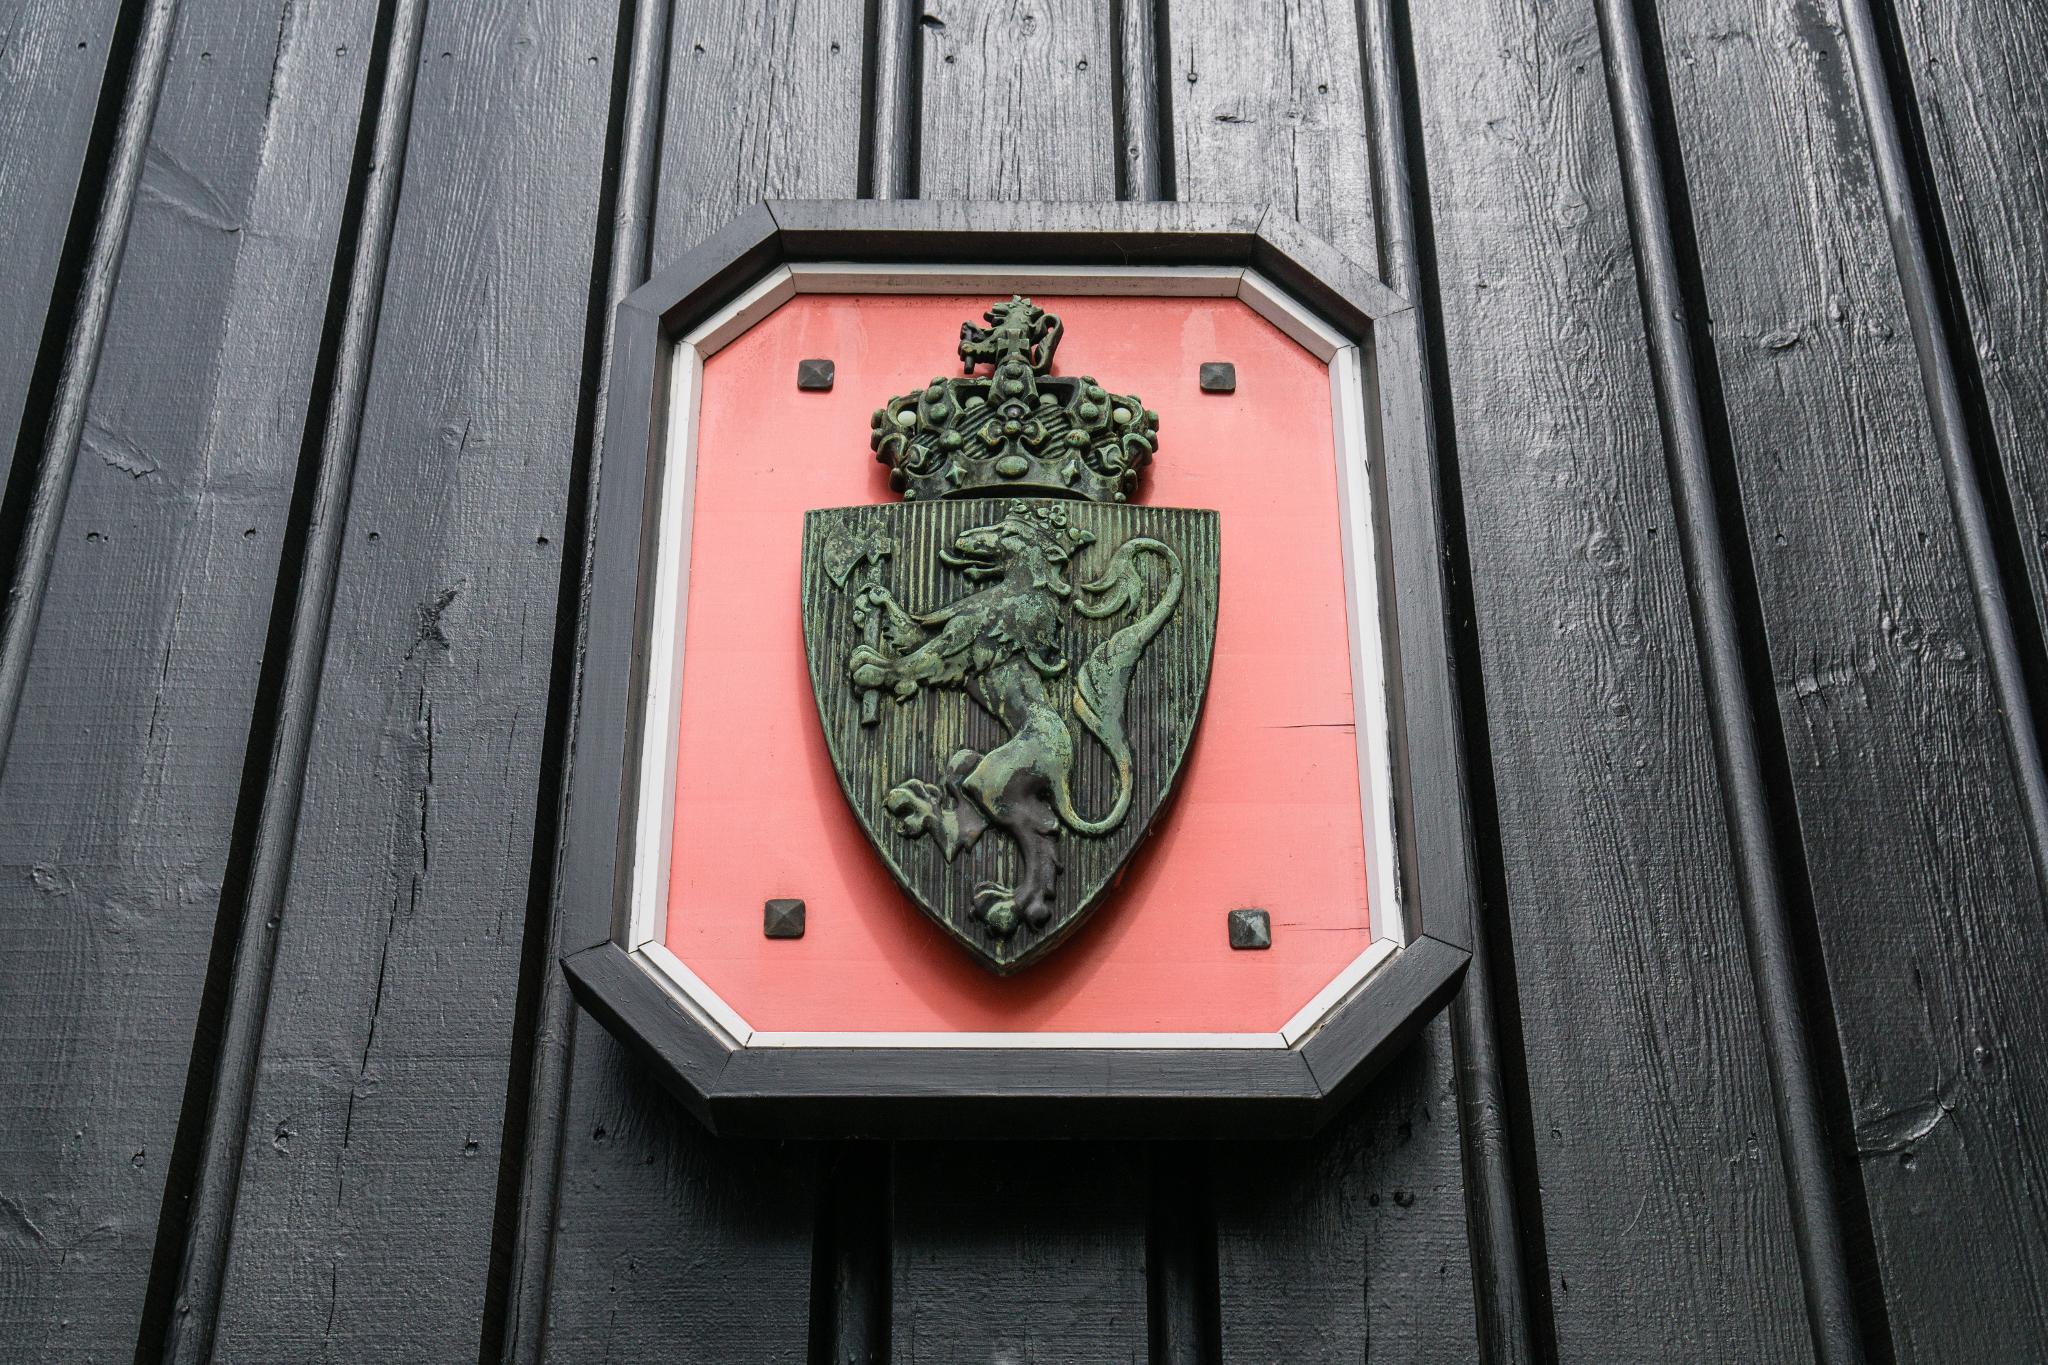 【卑爾根】漫遊卑爾根:卑爾根要塞、哈孔城堡與聖瑪利亞堂 3